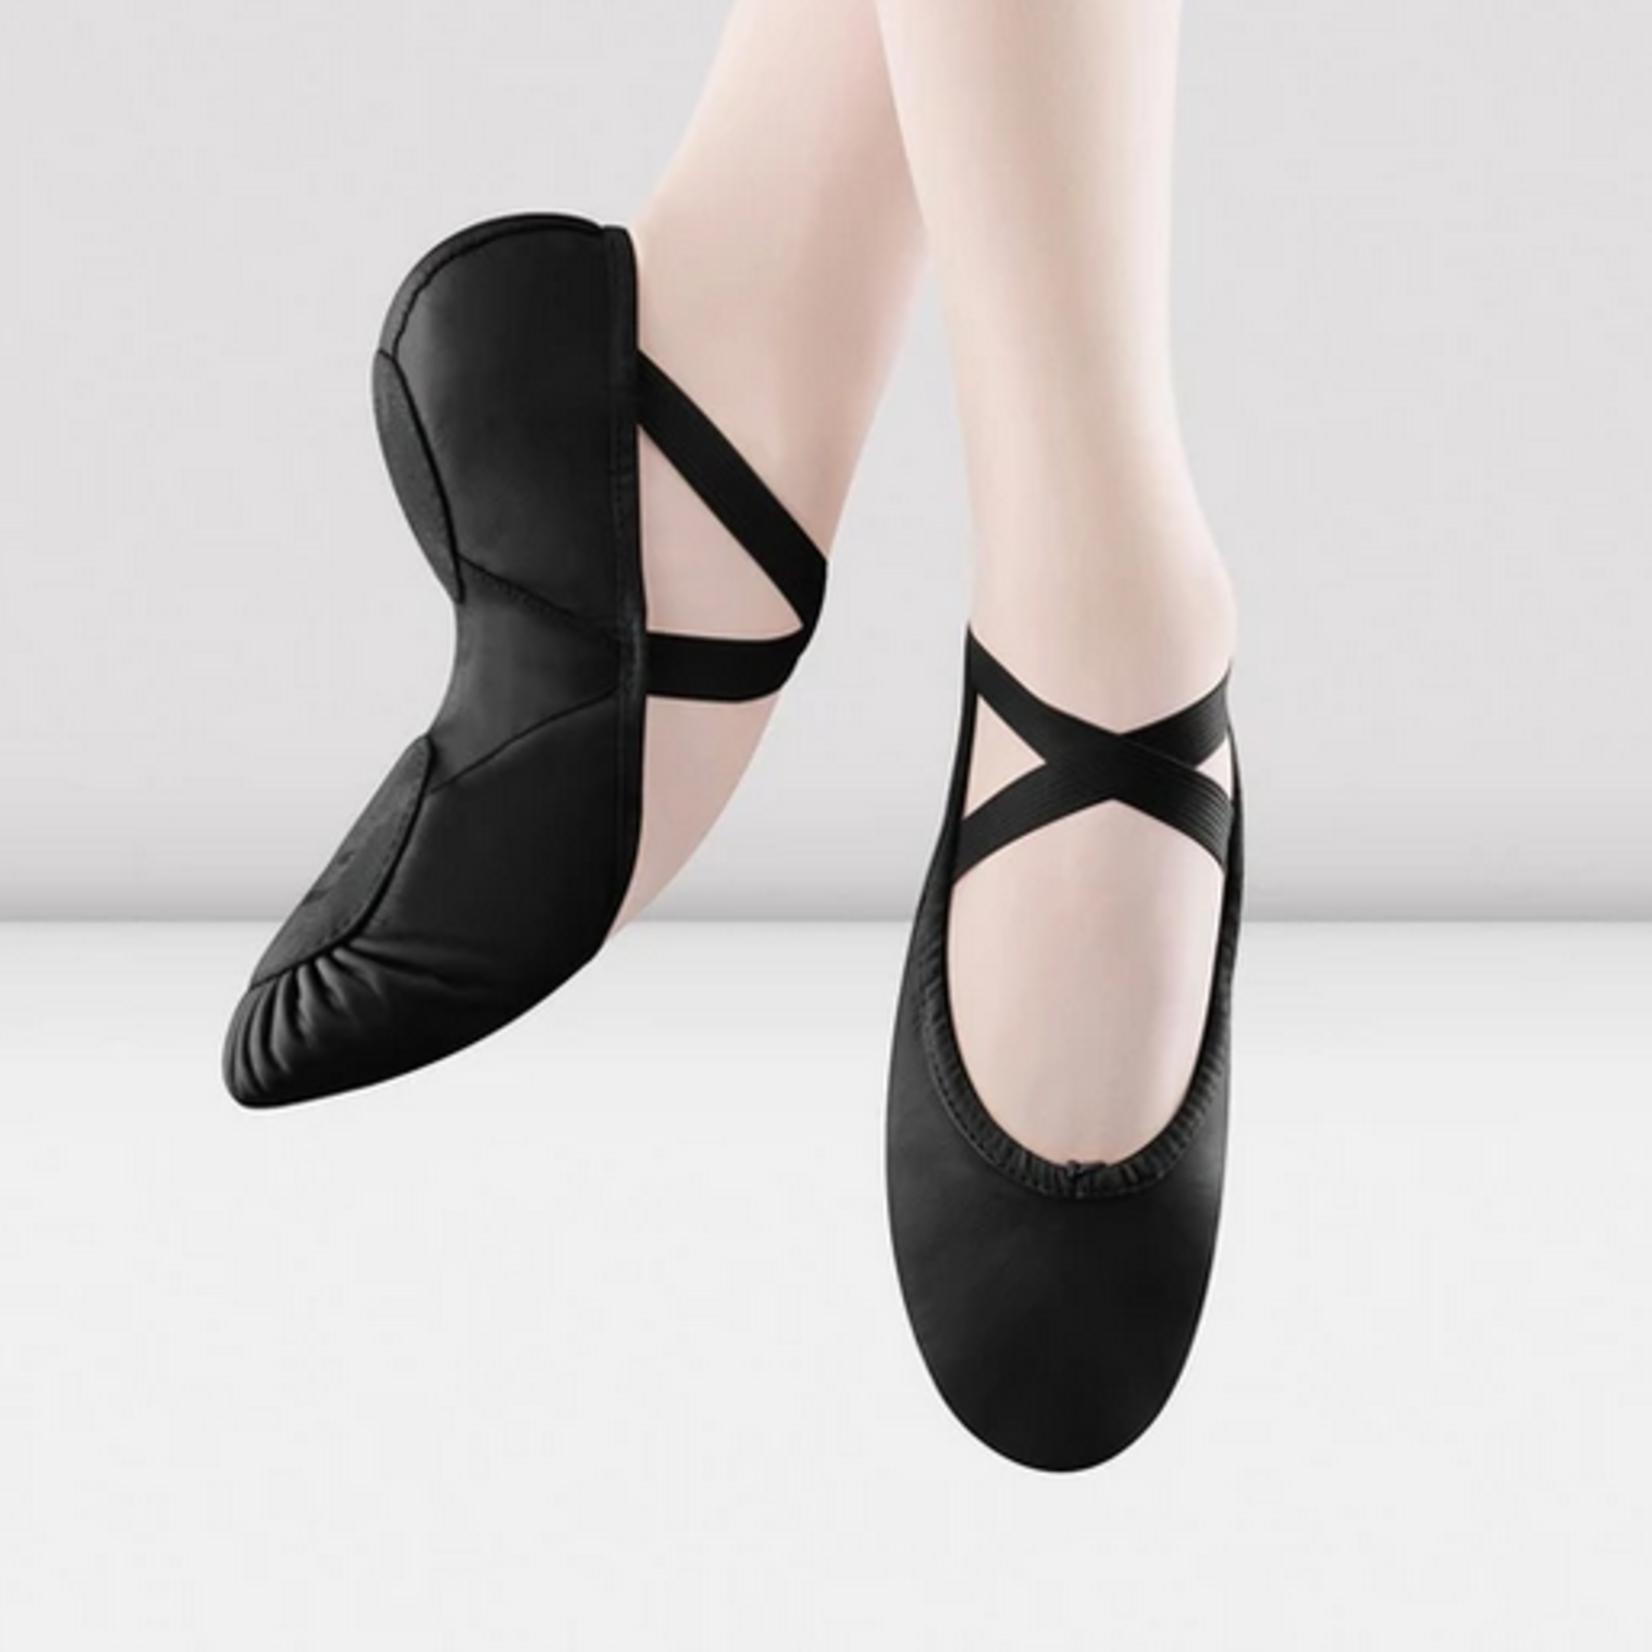 Bloch Bloch S0203 Prolite Leather Ballet Shoe